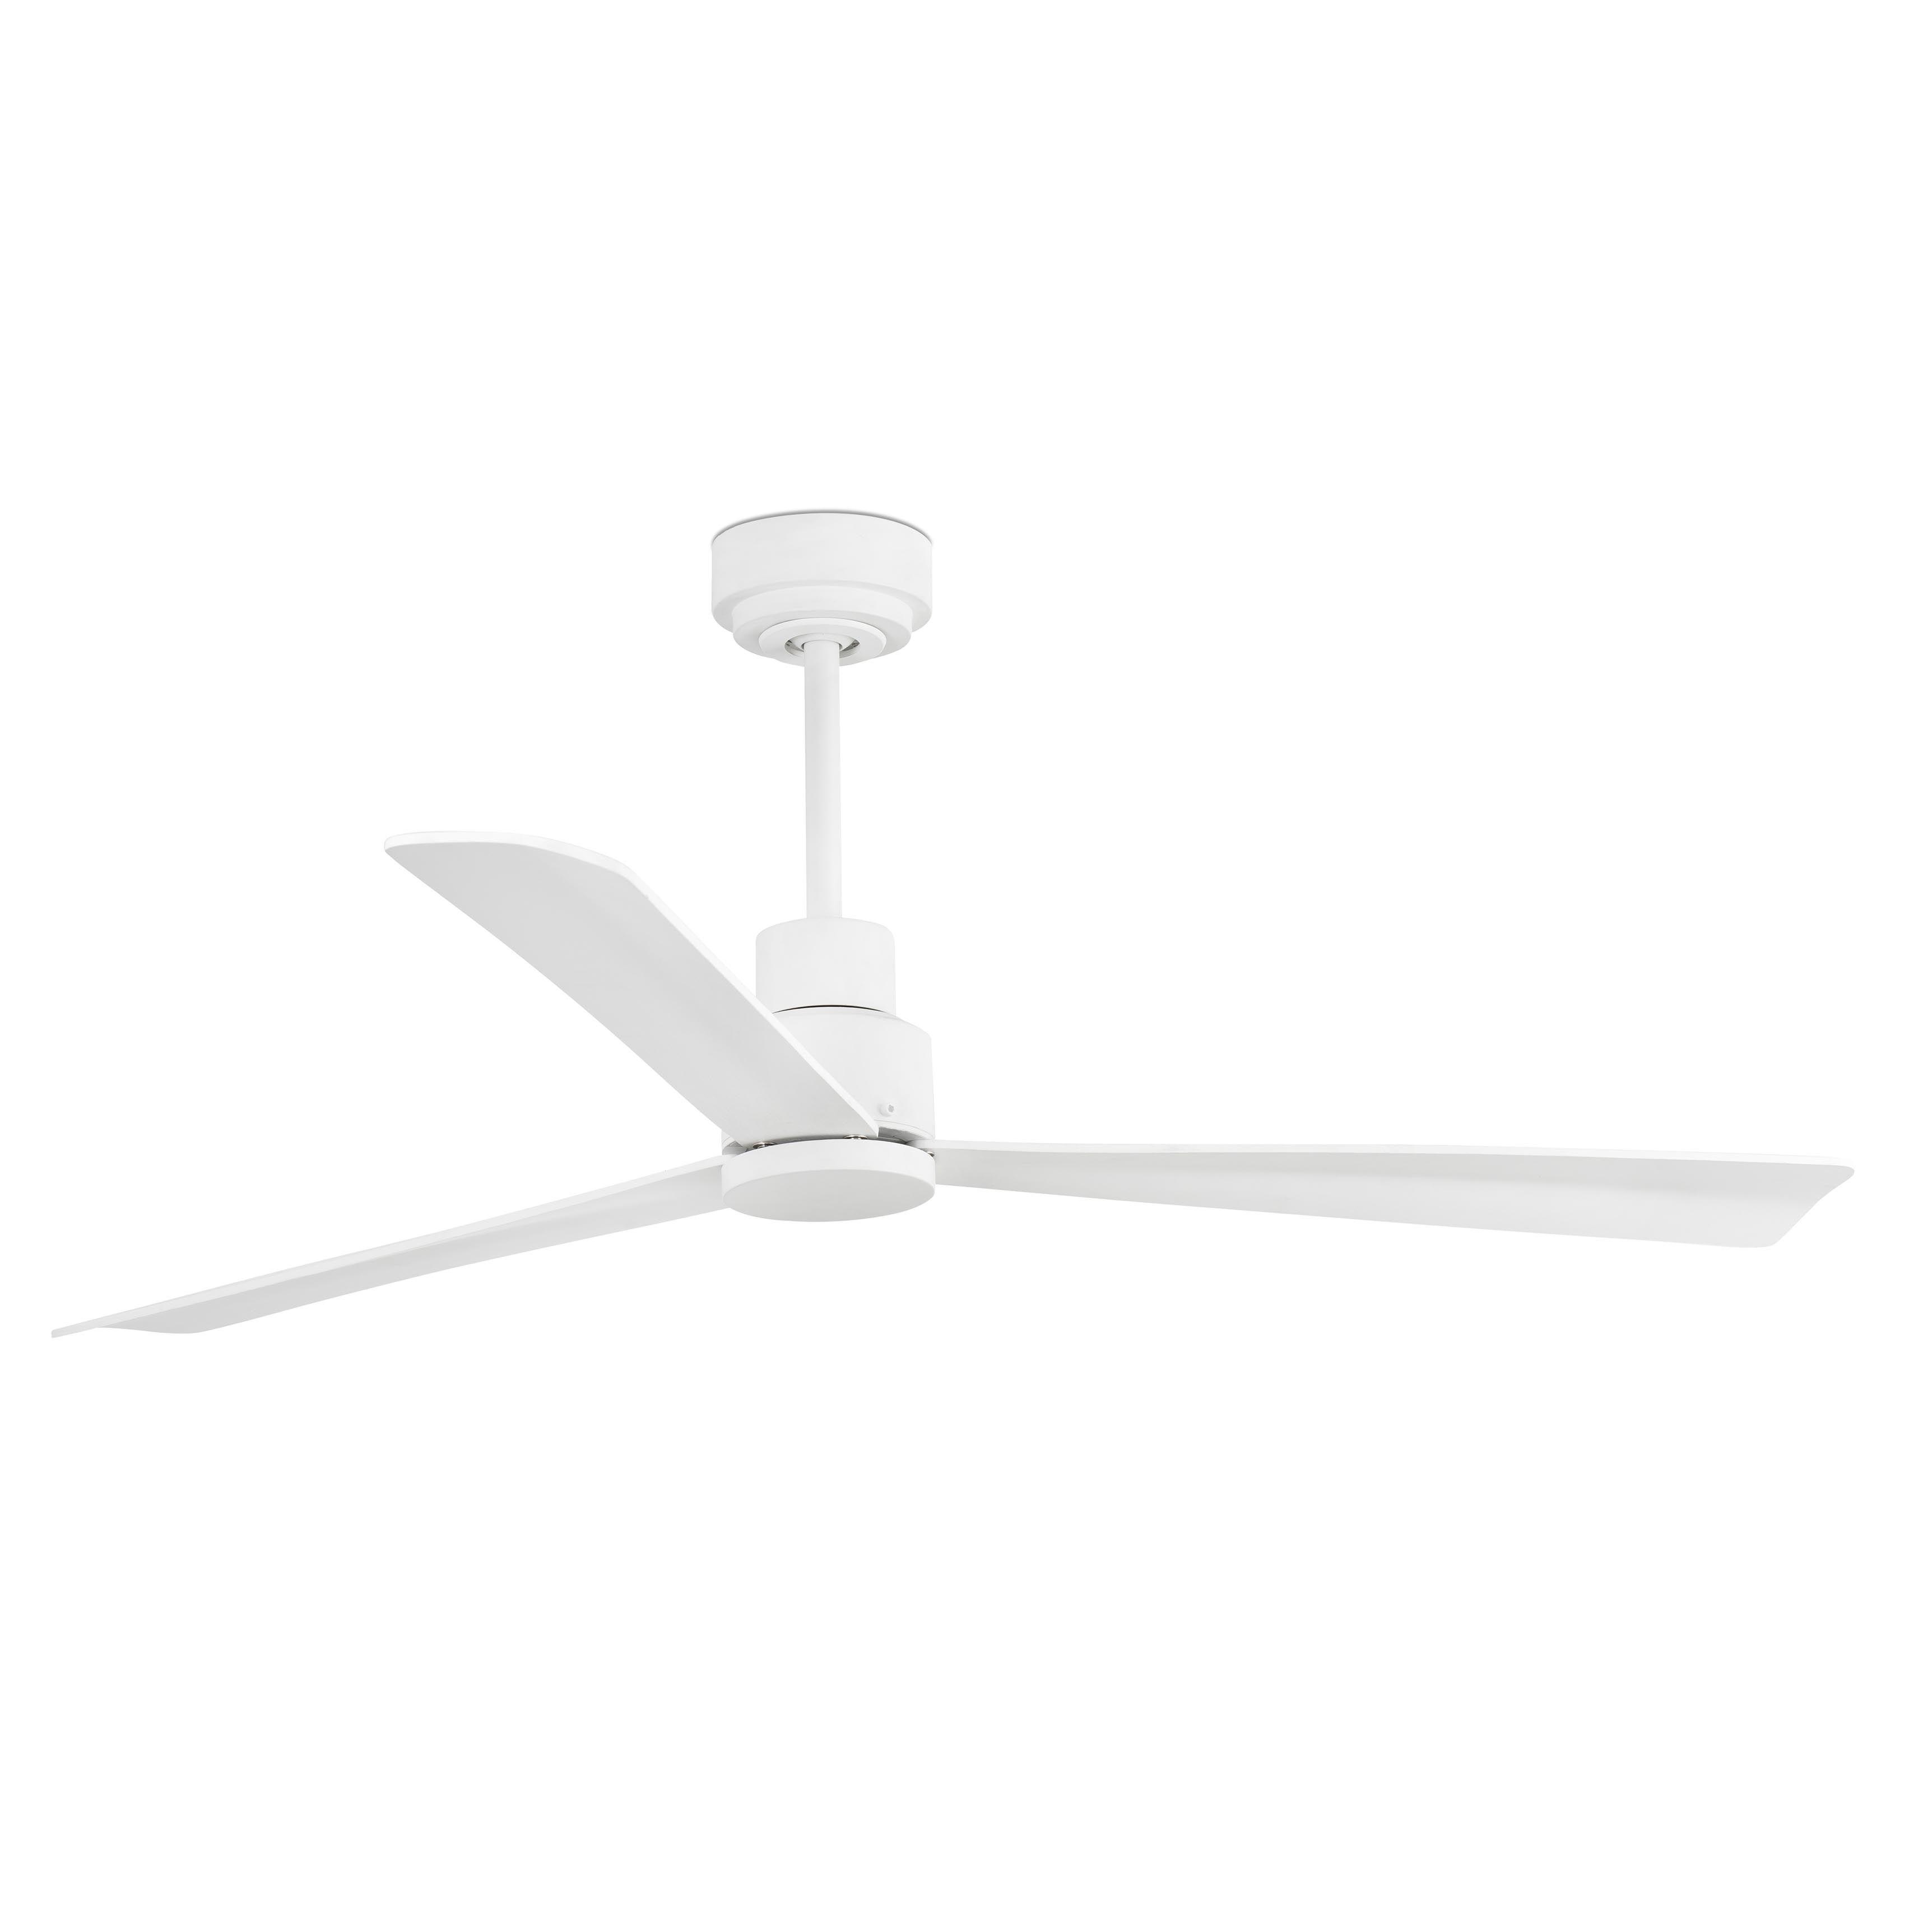 Ventilador sin luz | Faro | Ventiladores de techo, Techos